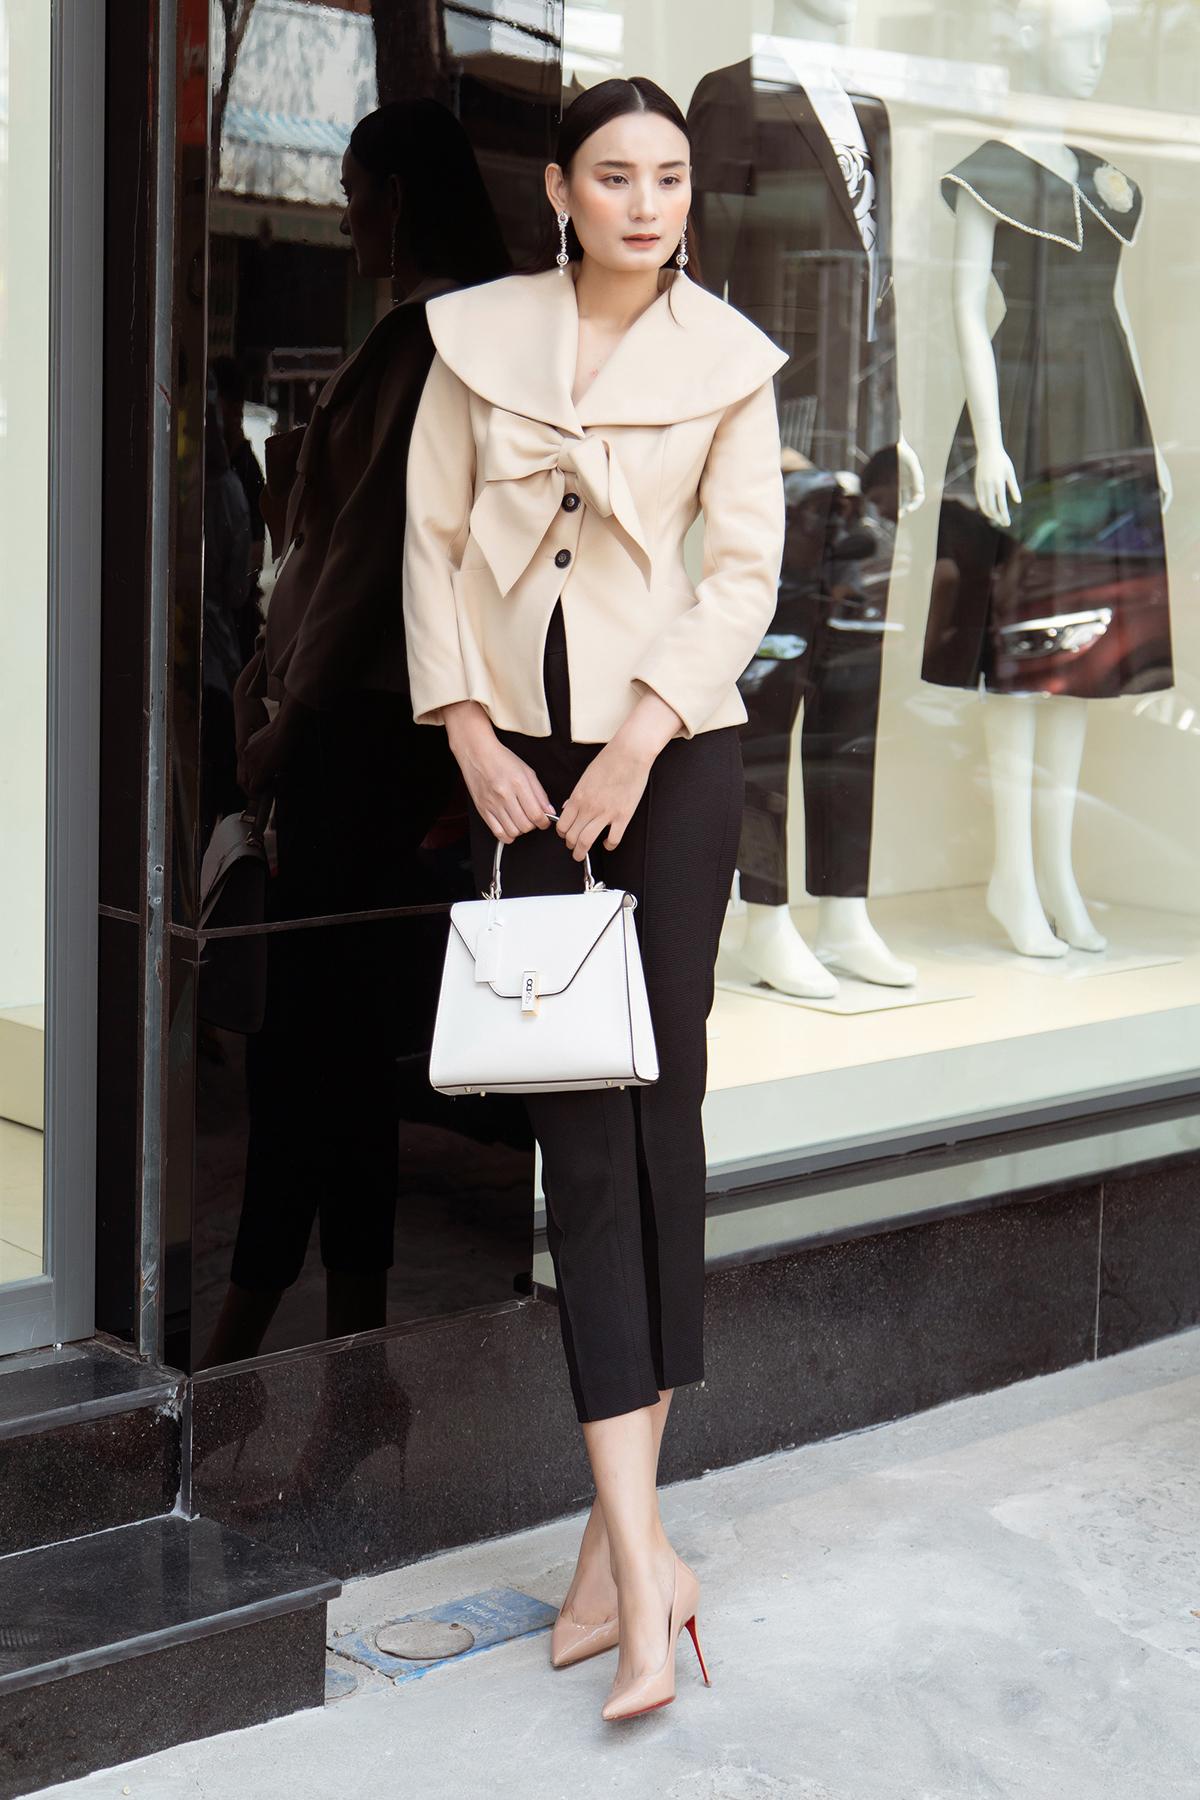 Là nàng thơ lâu năm của Đỗ Mạnh Cường, Lê Thúy luôn đồng hành cùng nhà thiết kế trong những sự kiện quan trọng. Mới đây, chân dài có mặt tại Vũng Tàu để mừng Đỗ Mạnh Cường ra mắt cửa hàng mới, đồng thời giao lưu, tư vấn thời trang cho các khách hàng.